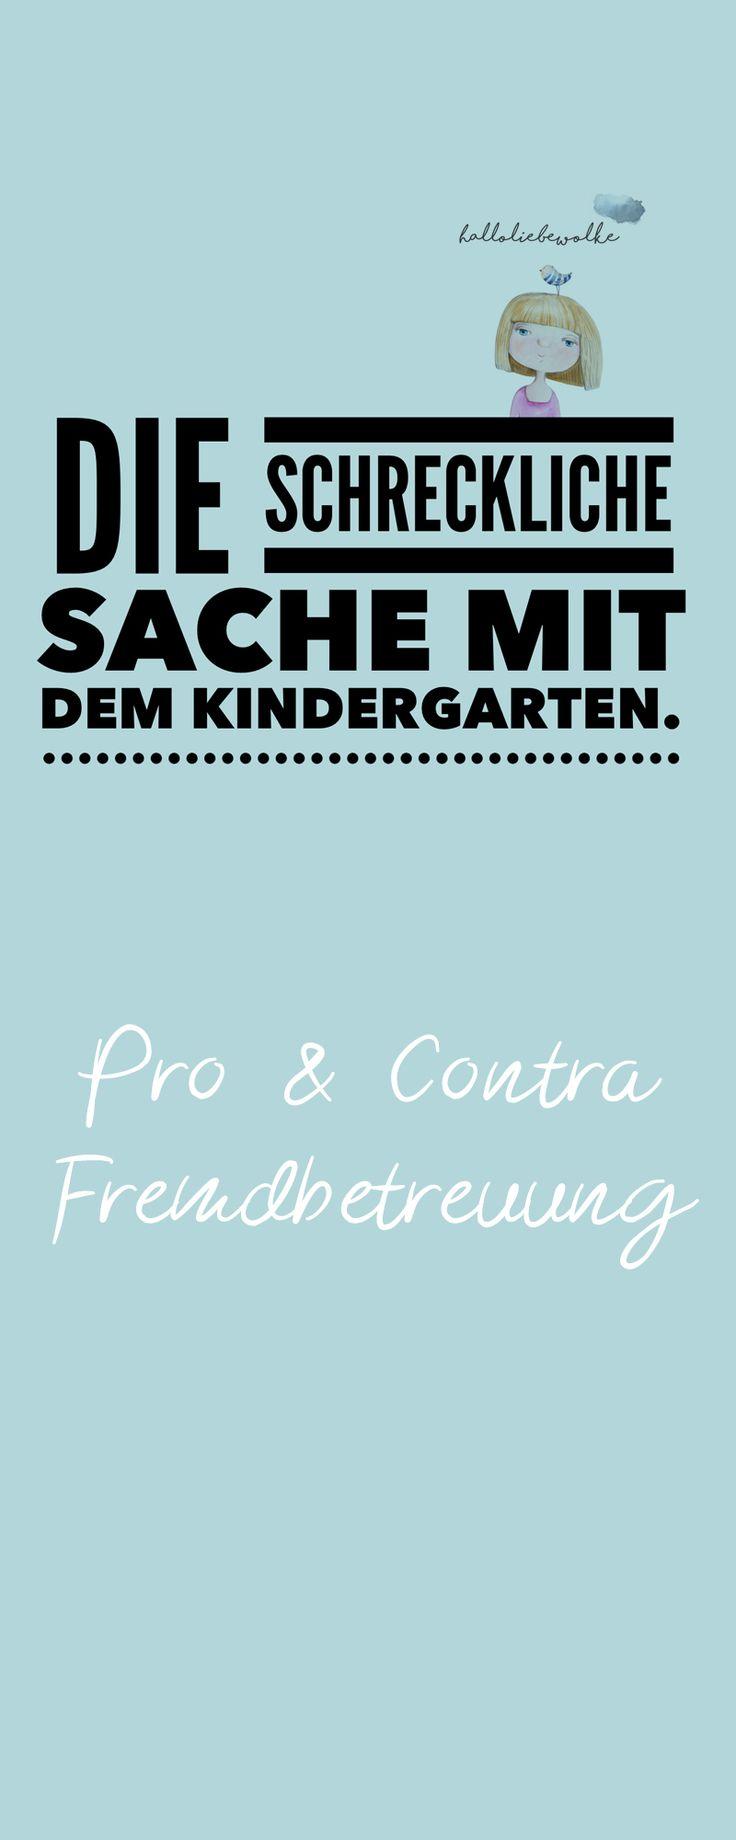 Die schreckliche Sache mit dem Kindergarten – Hallo liebe Wolke – Mama sein, Erziehung, Familie